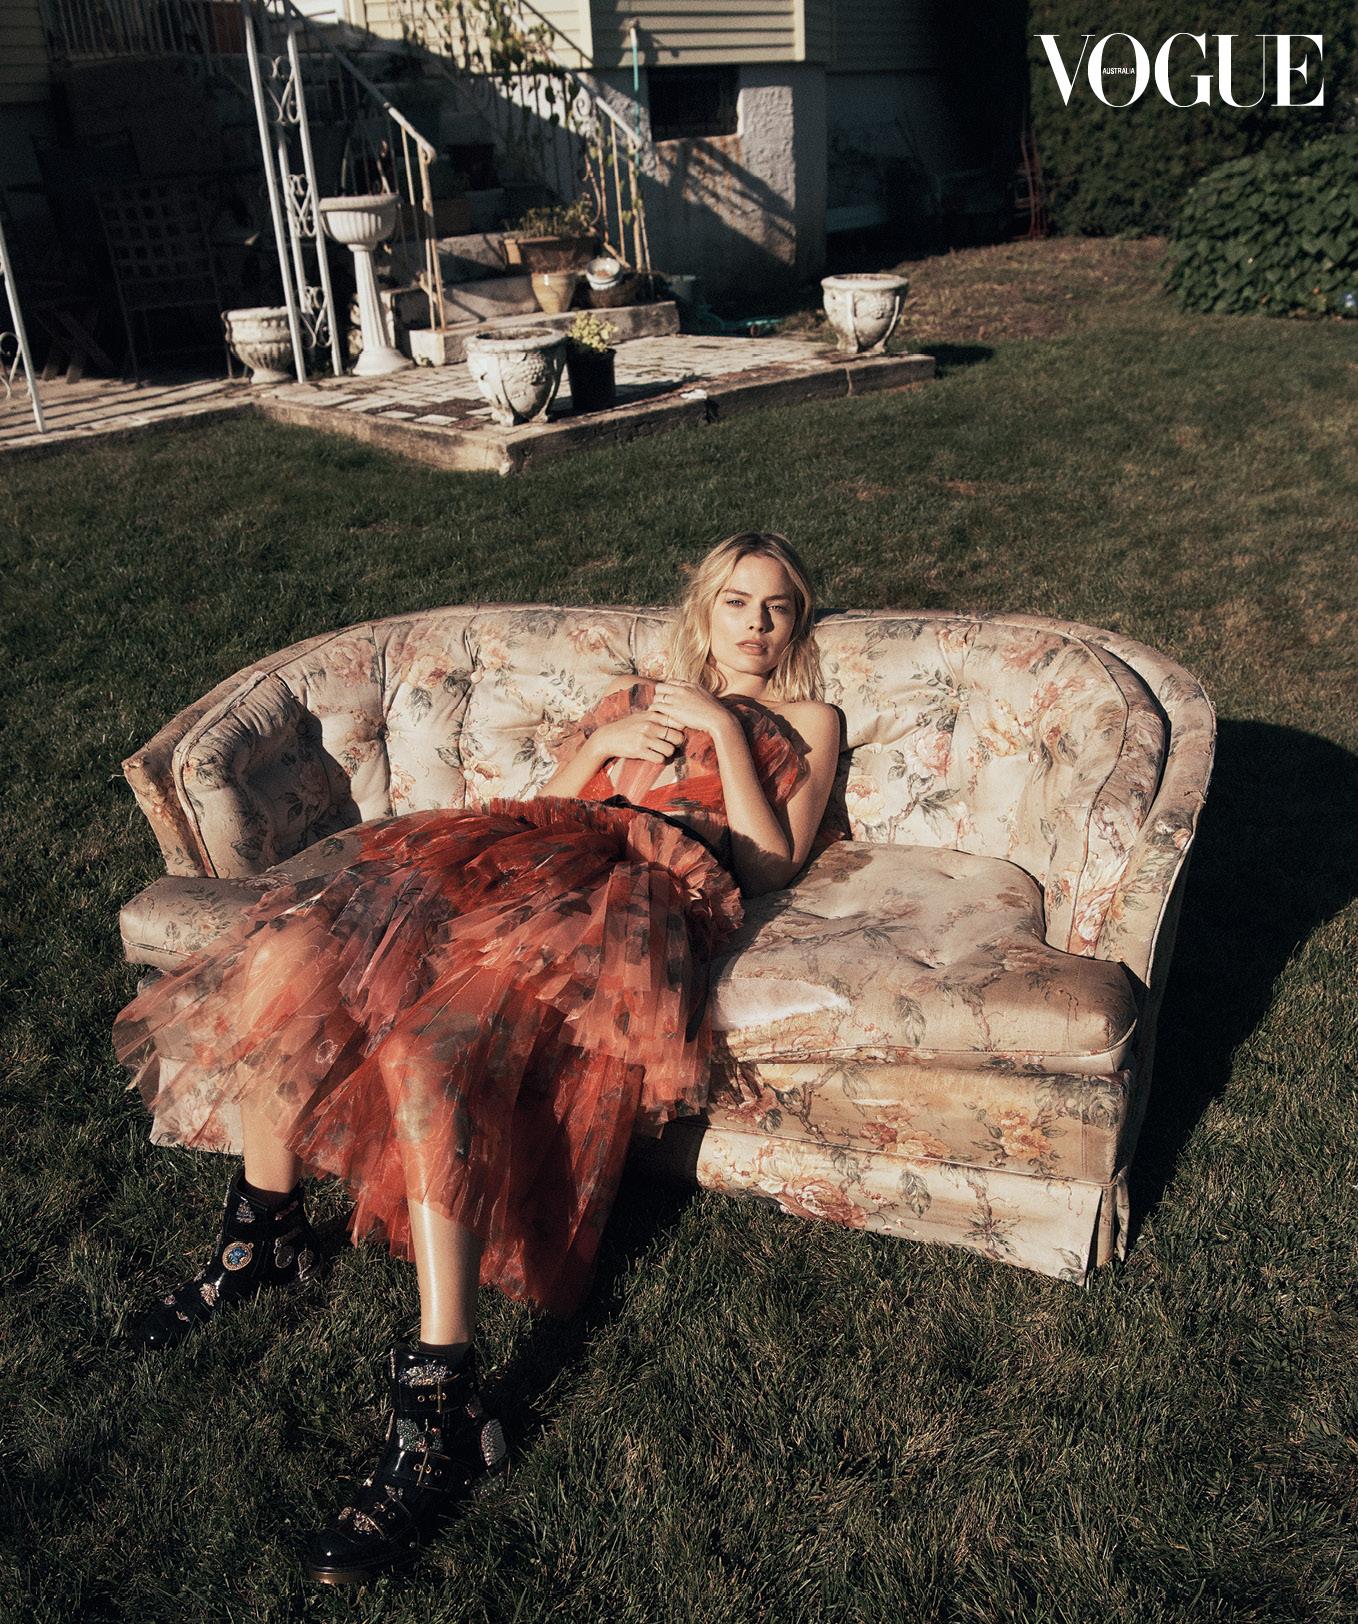 Margot Robbie images Margot Robbie Vogue Australia December 1358x1624